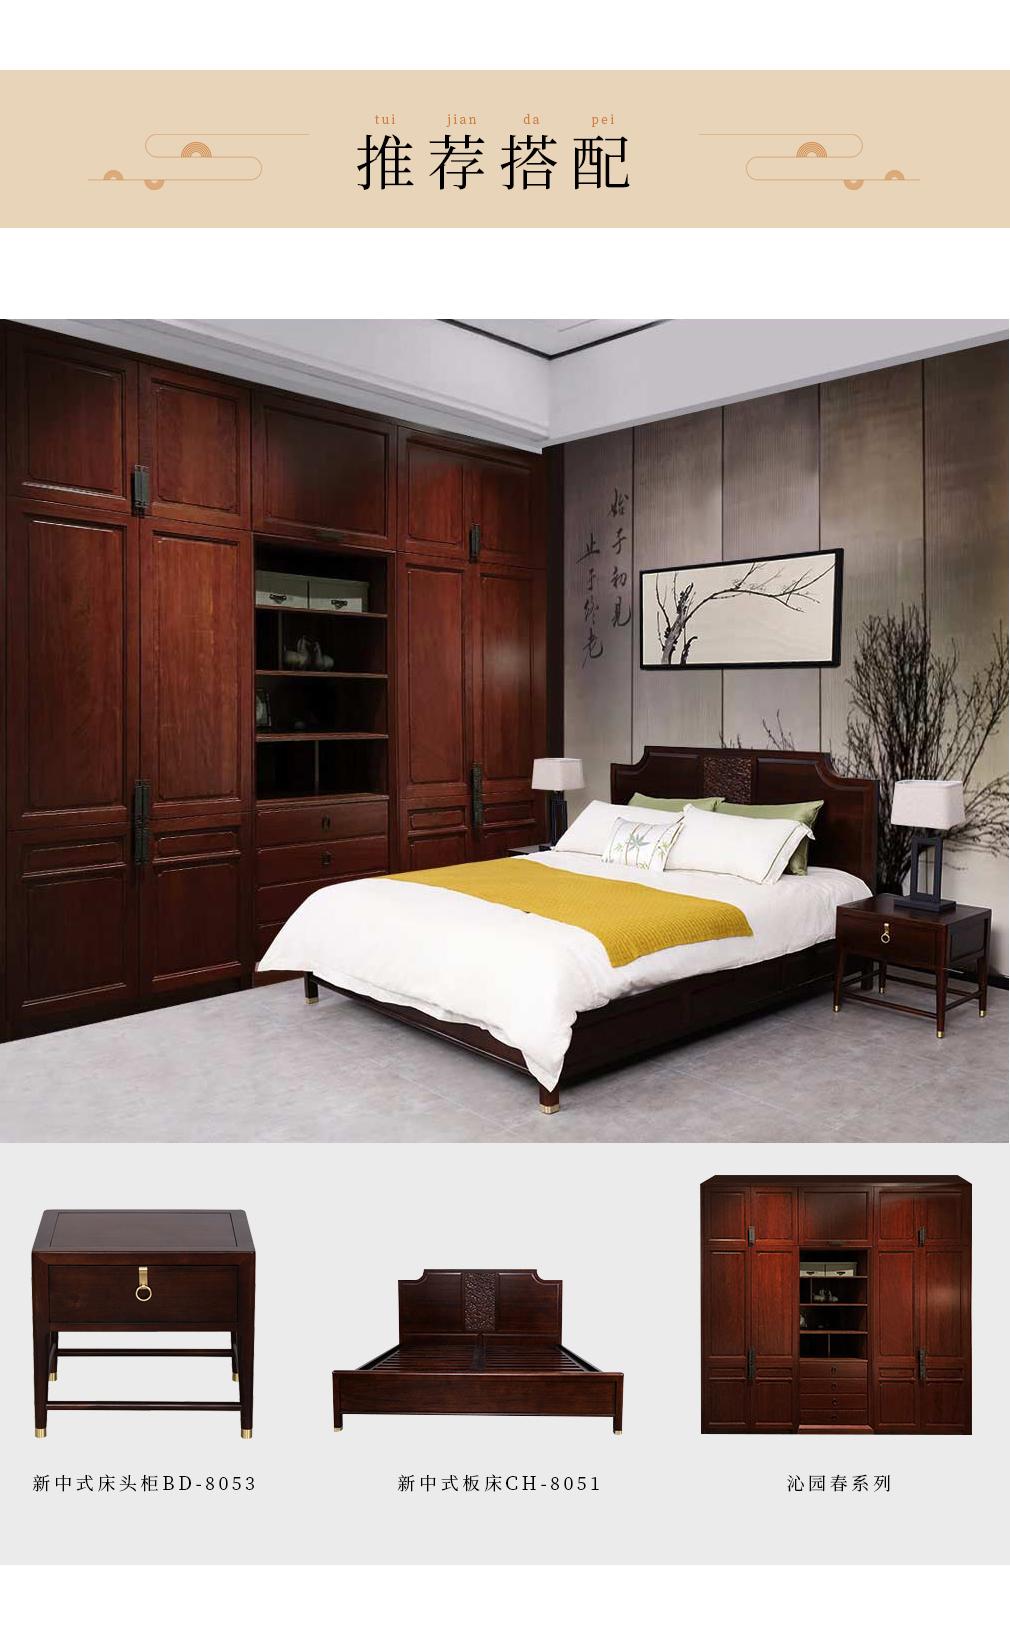 床头柜_07.jpg